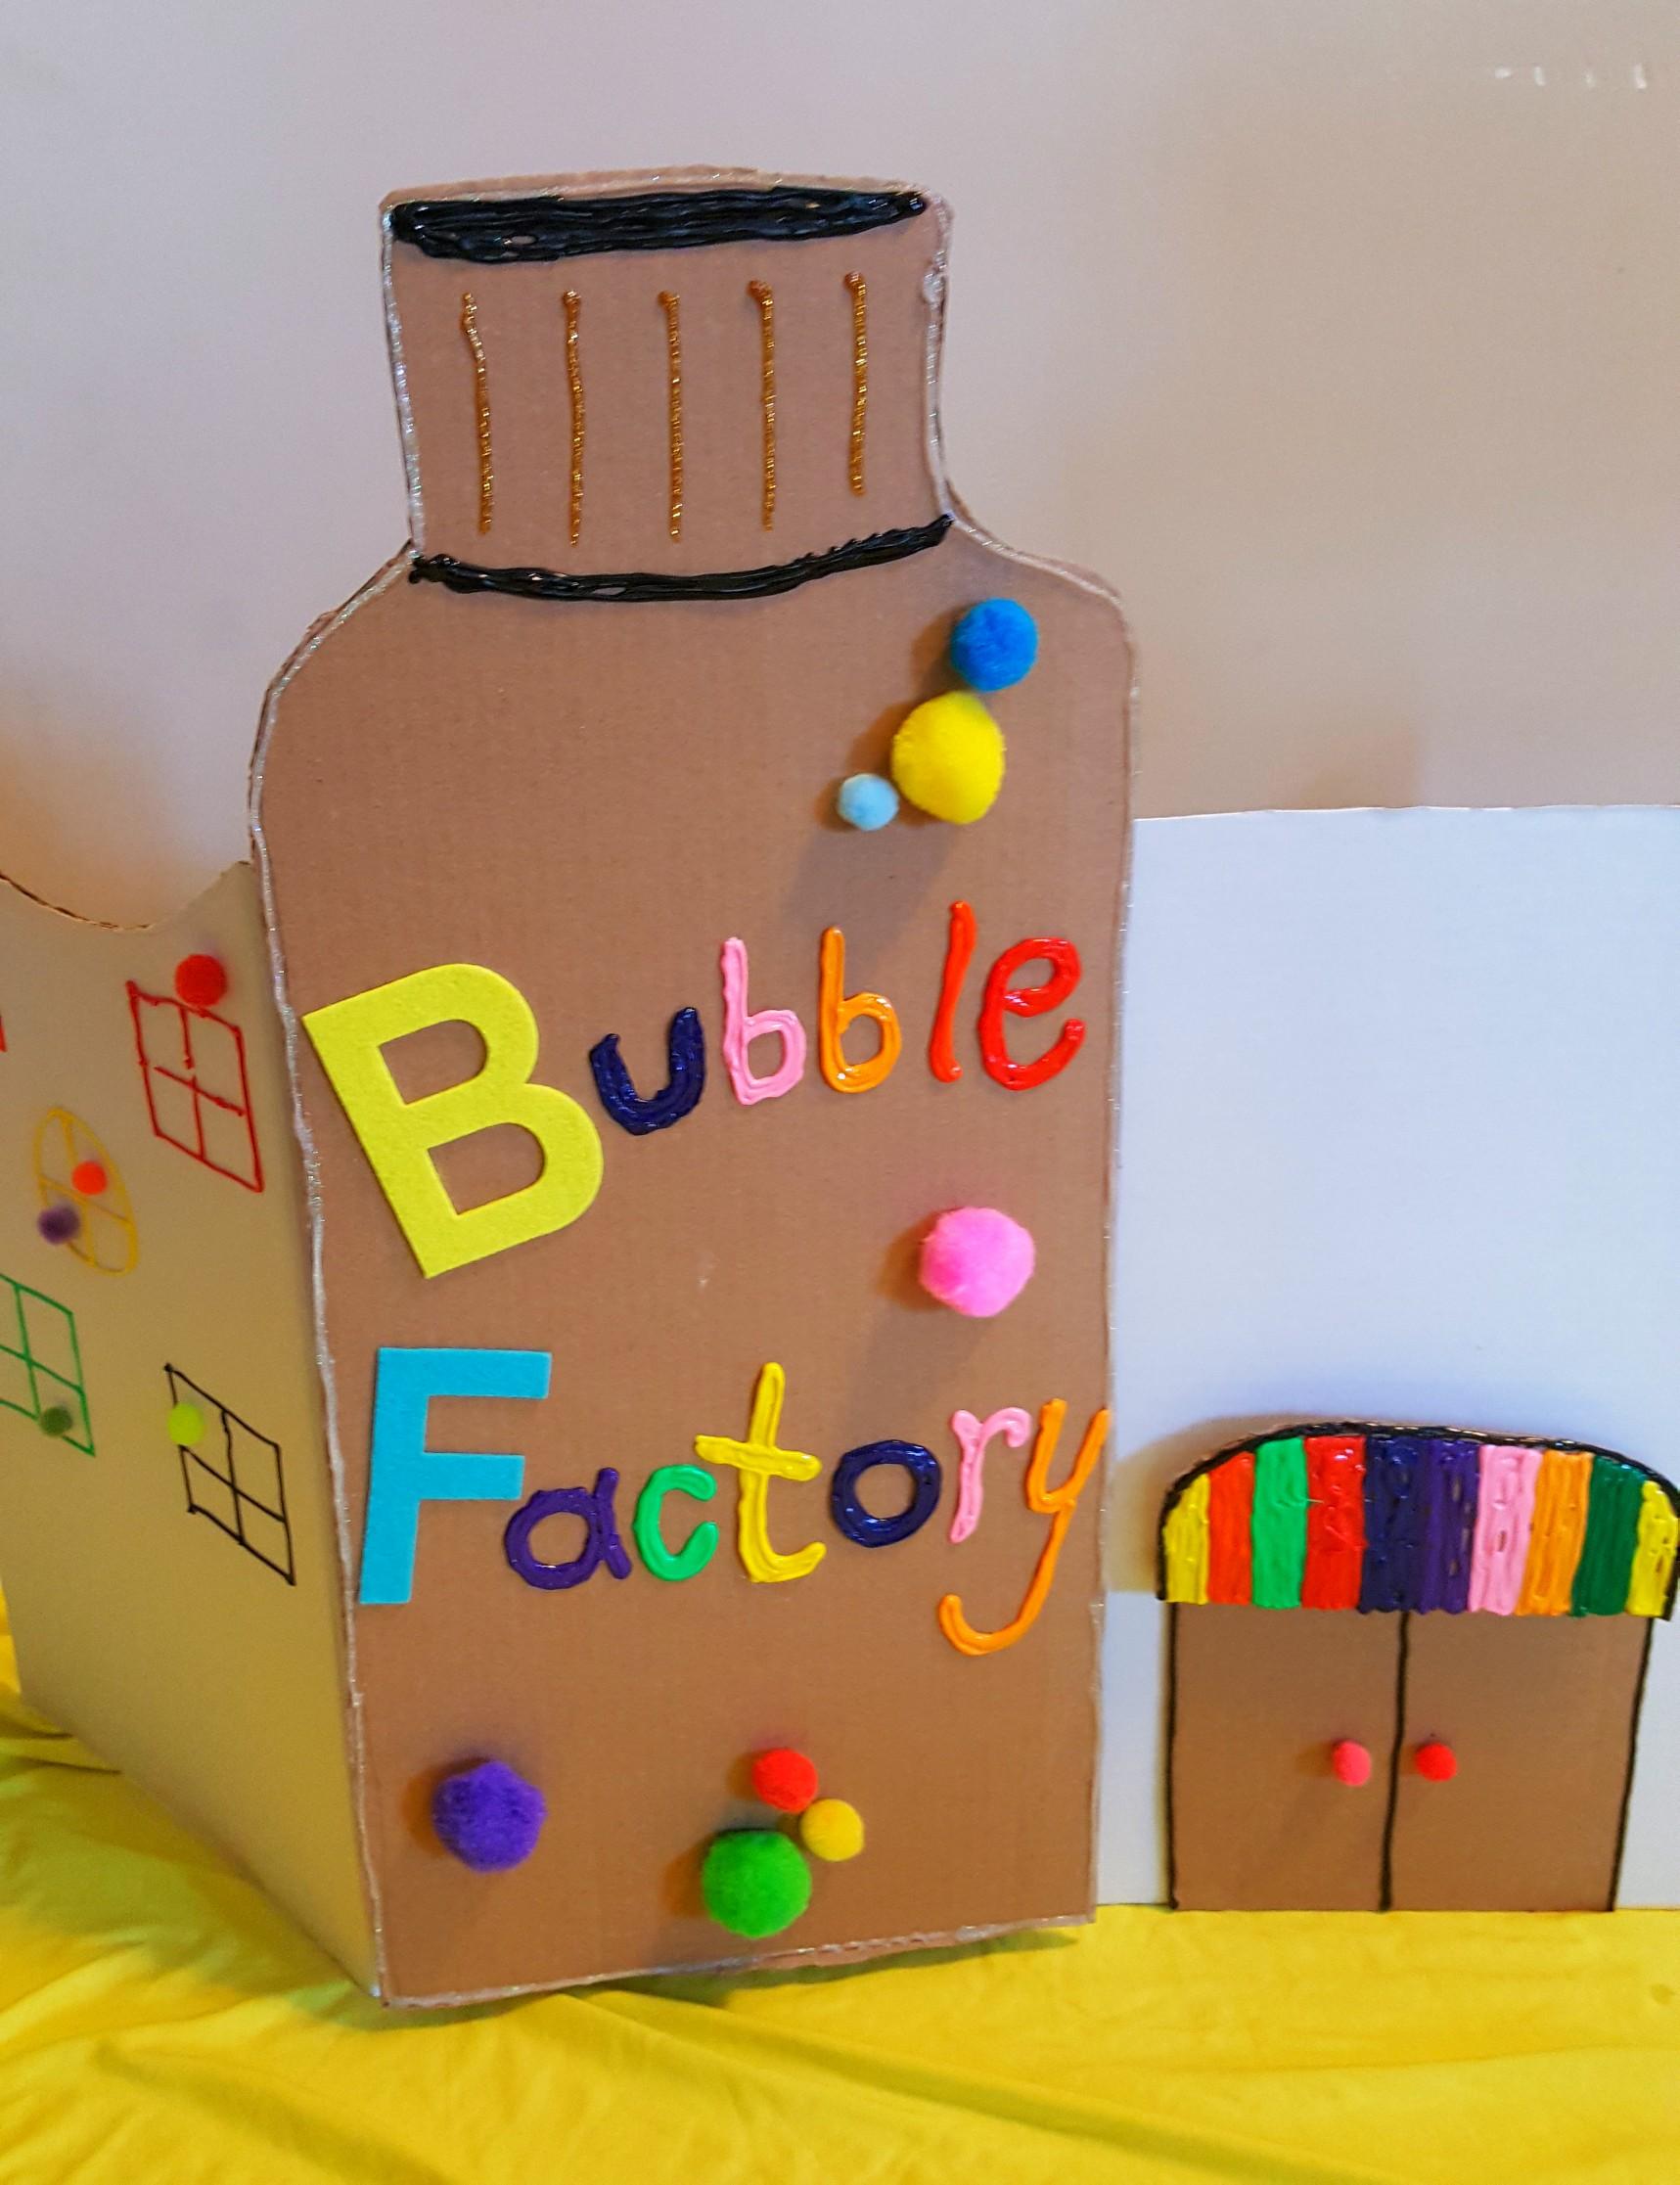 Bubble, Bubble, Bubbles!